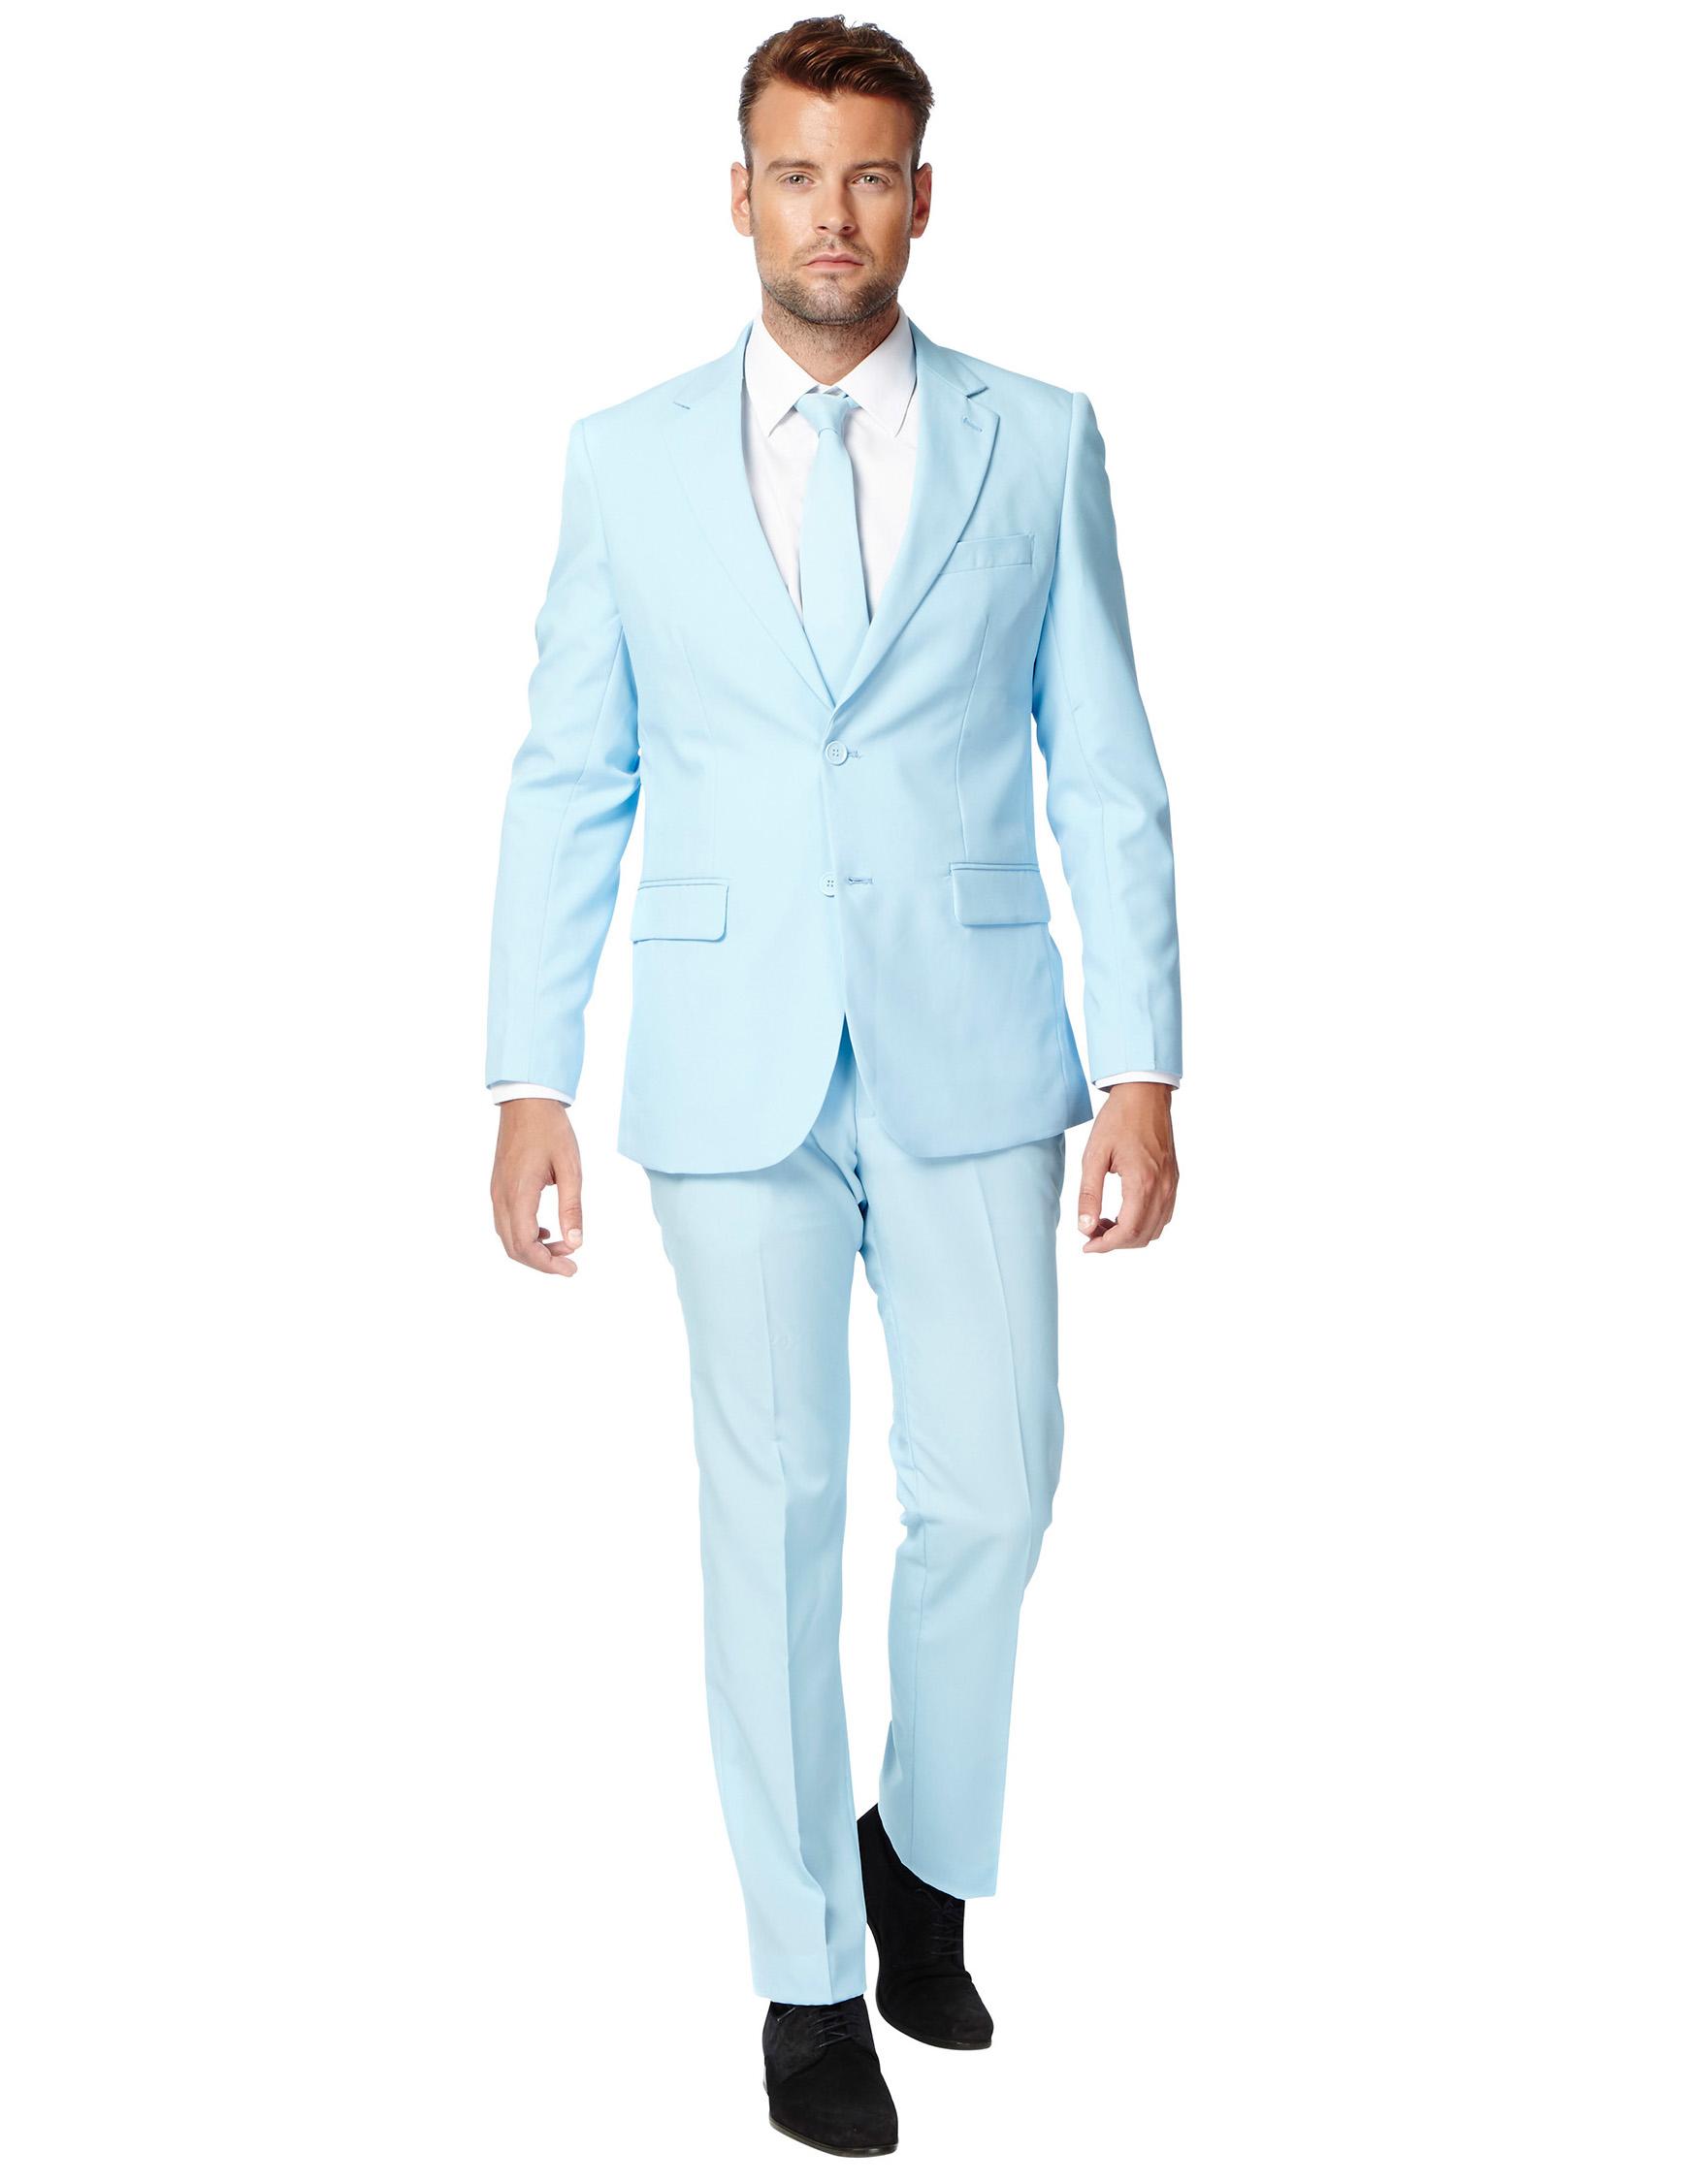 Costume Opposuits™ Ciel Homme MrBleu MrBleu Homme Costume Ciel Opposuits™ hCxQdBtsro